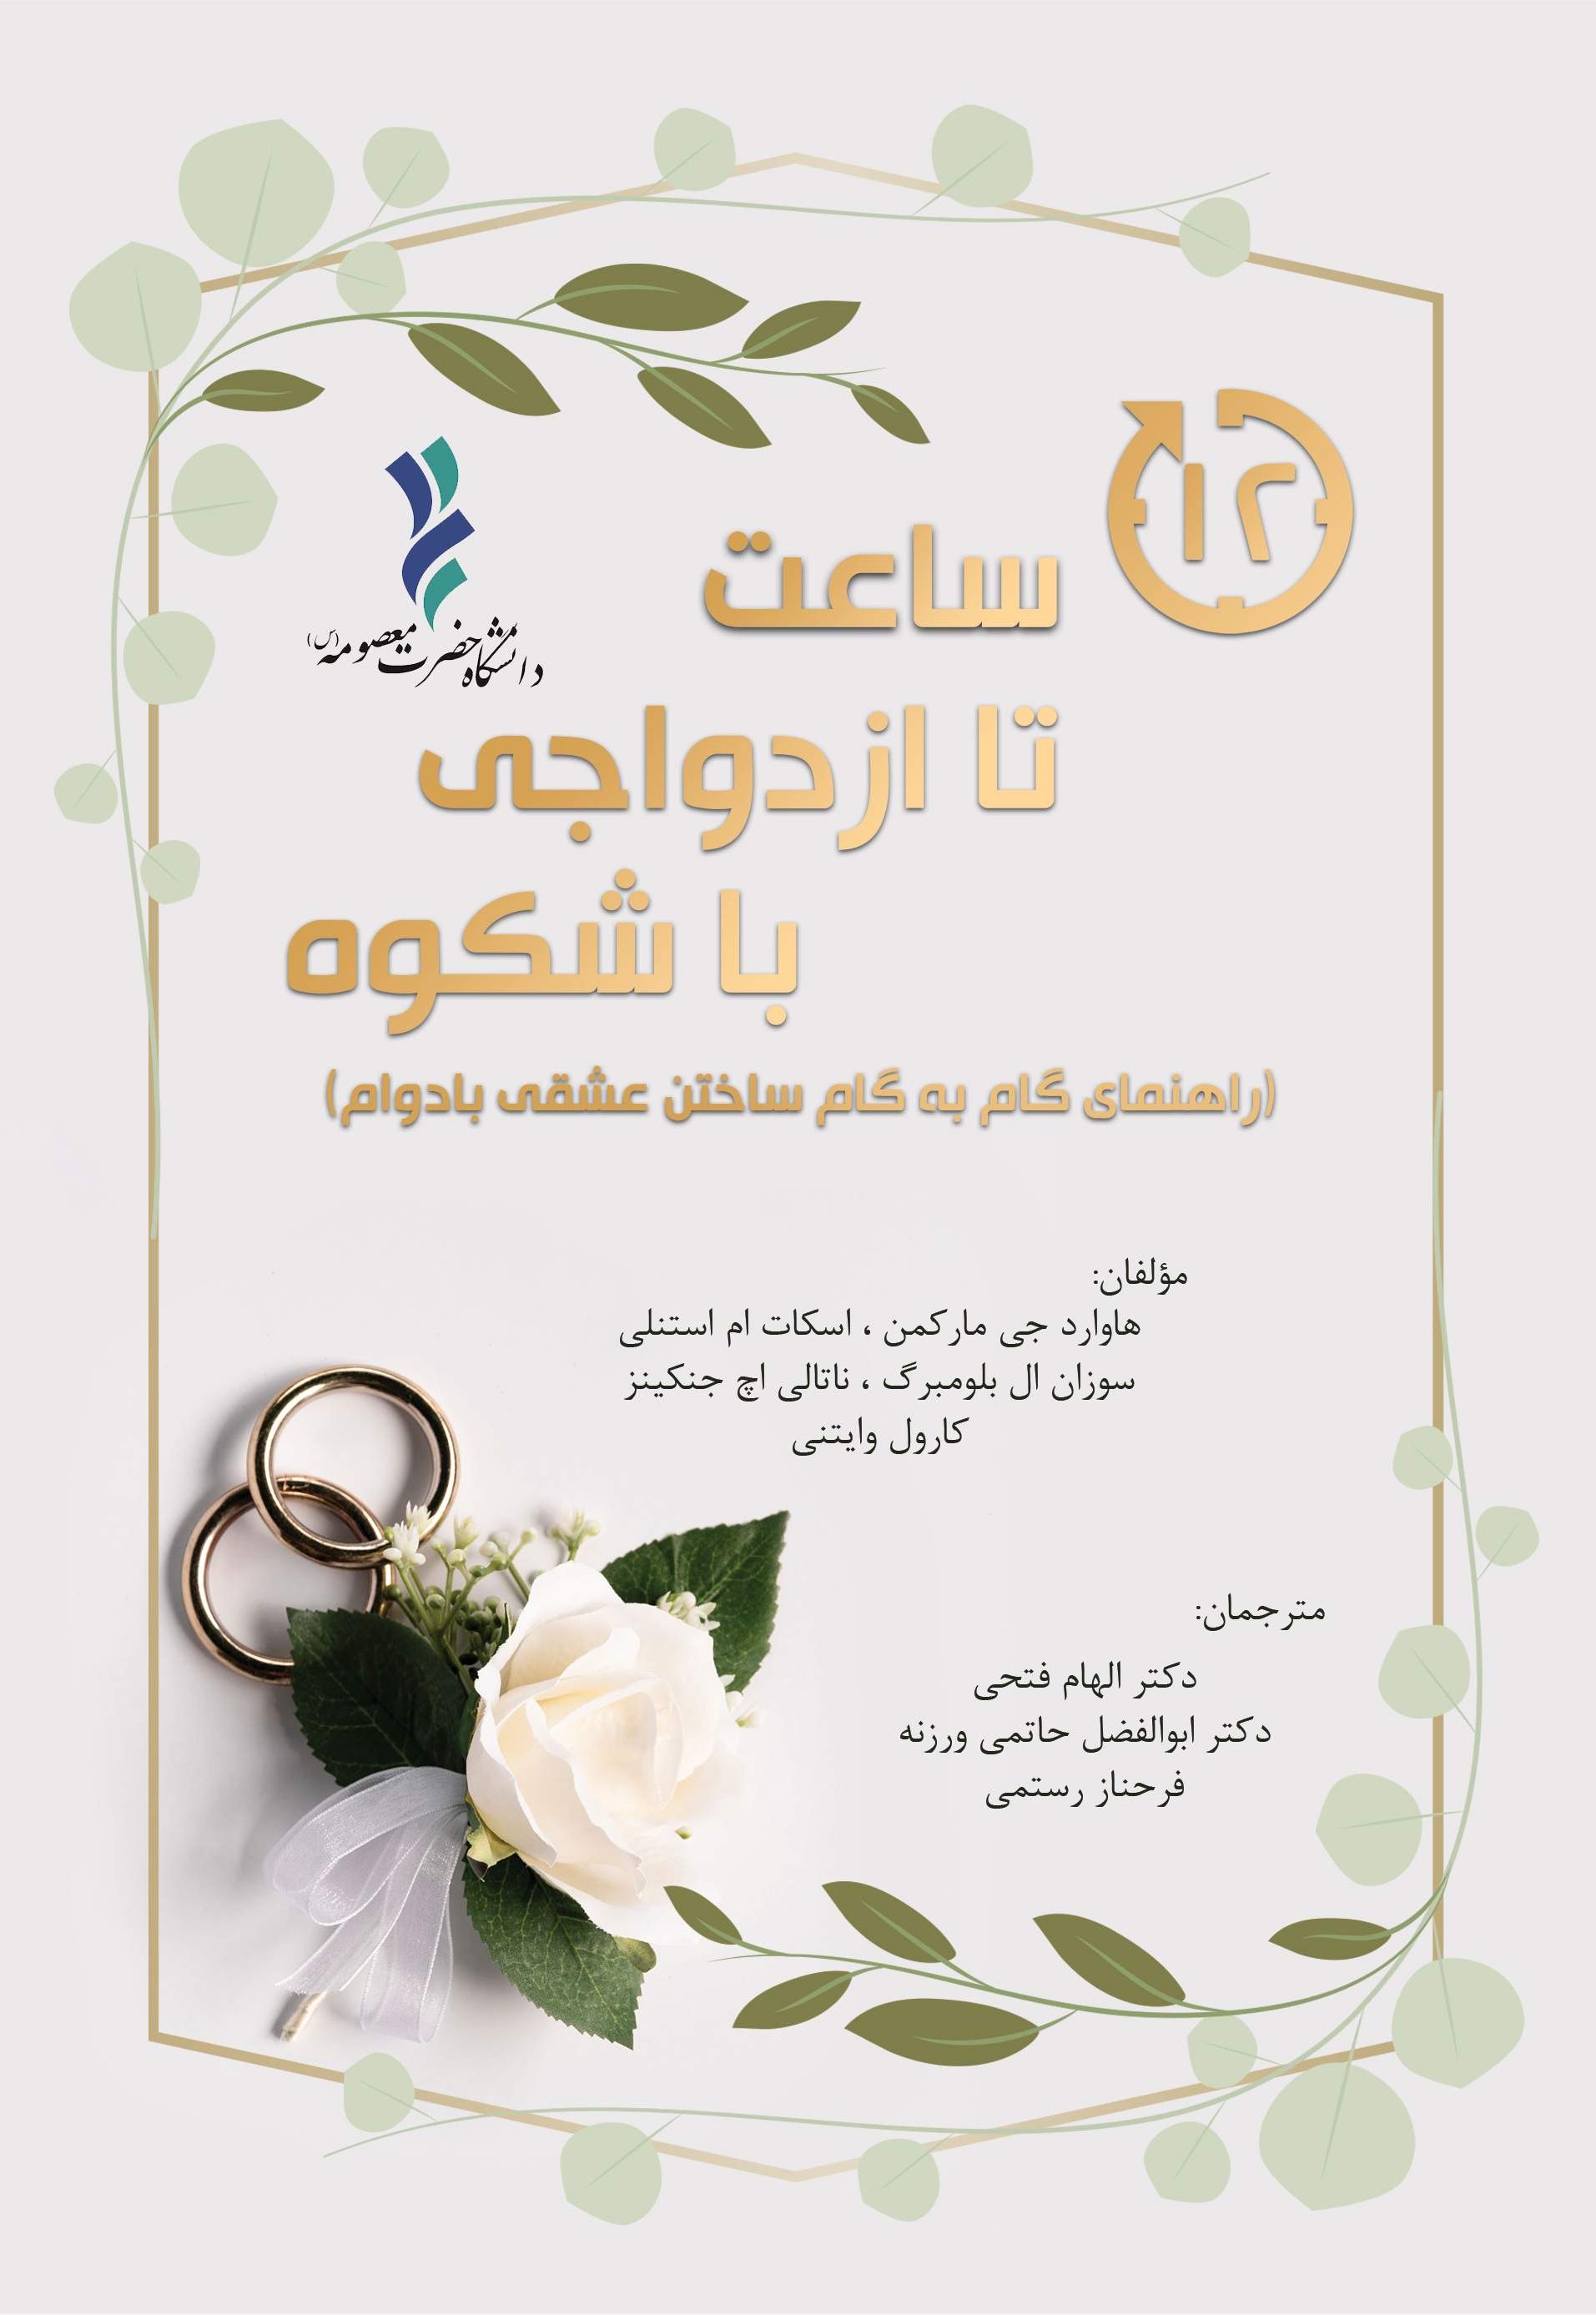 12 ساعت تا ازدواجي با شكوه